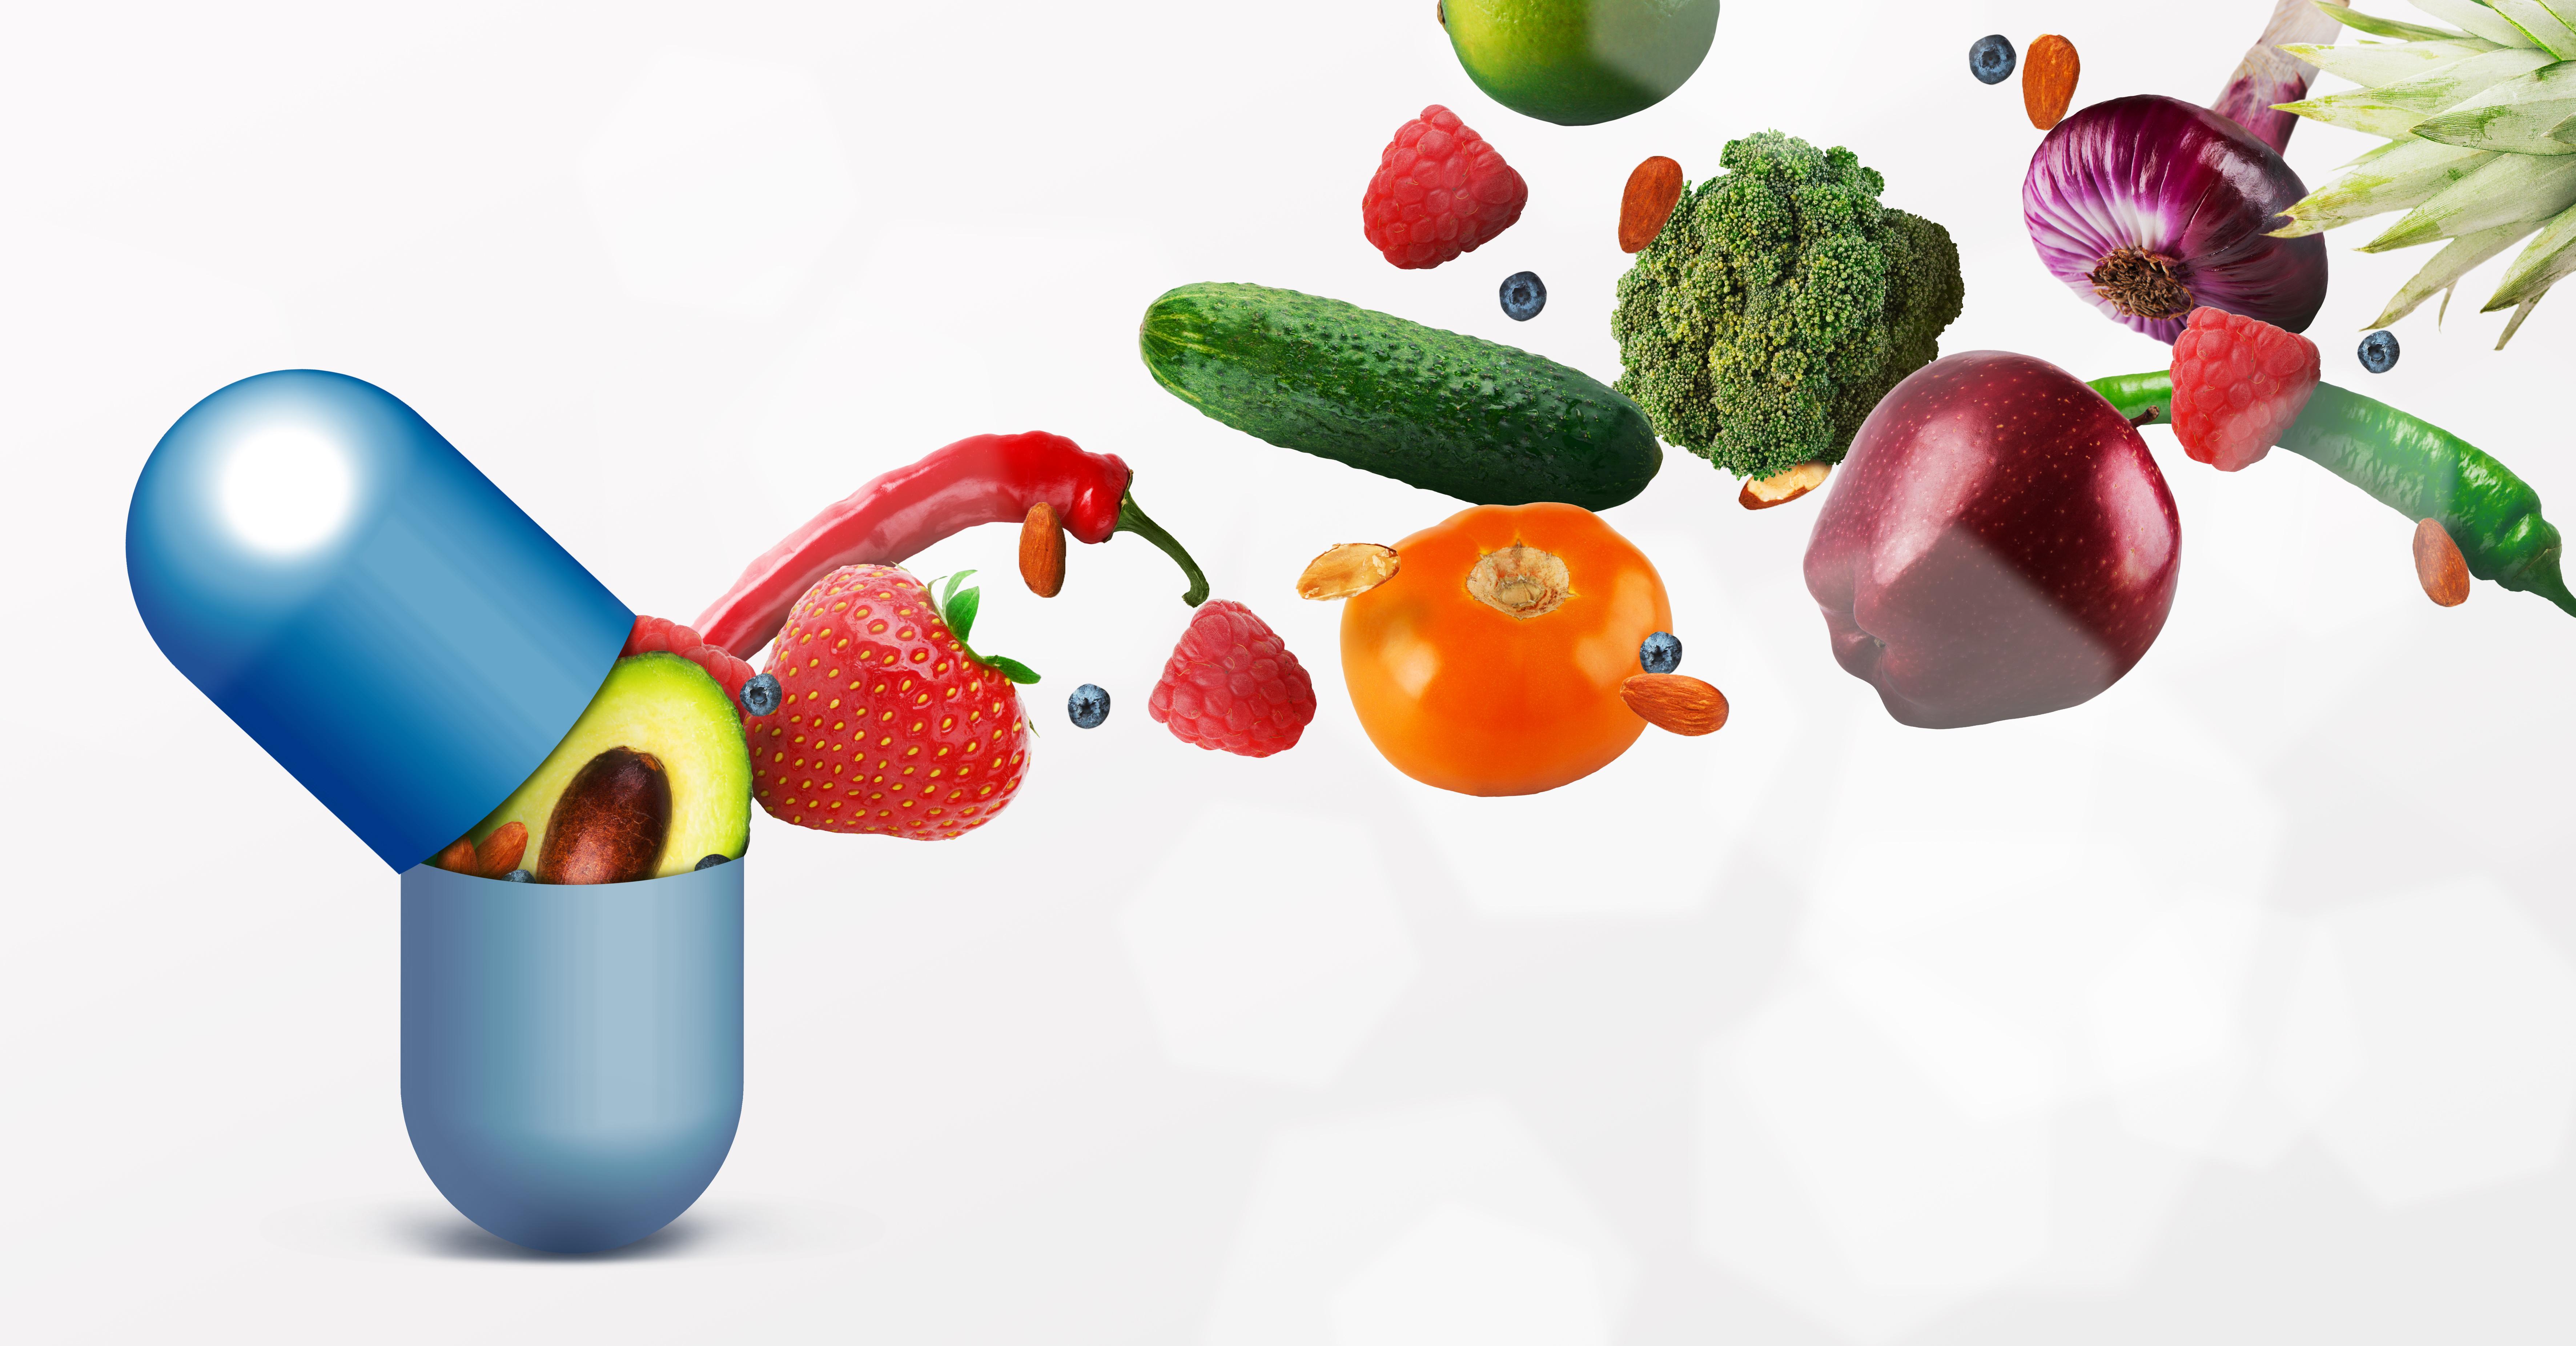 Ce composé naturel, l'indole, dérivé d'un pigment bleu des légumes crucifères pourrait permettre de lutter plus efficacement contre la stéatose hépatique